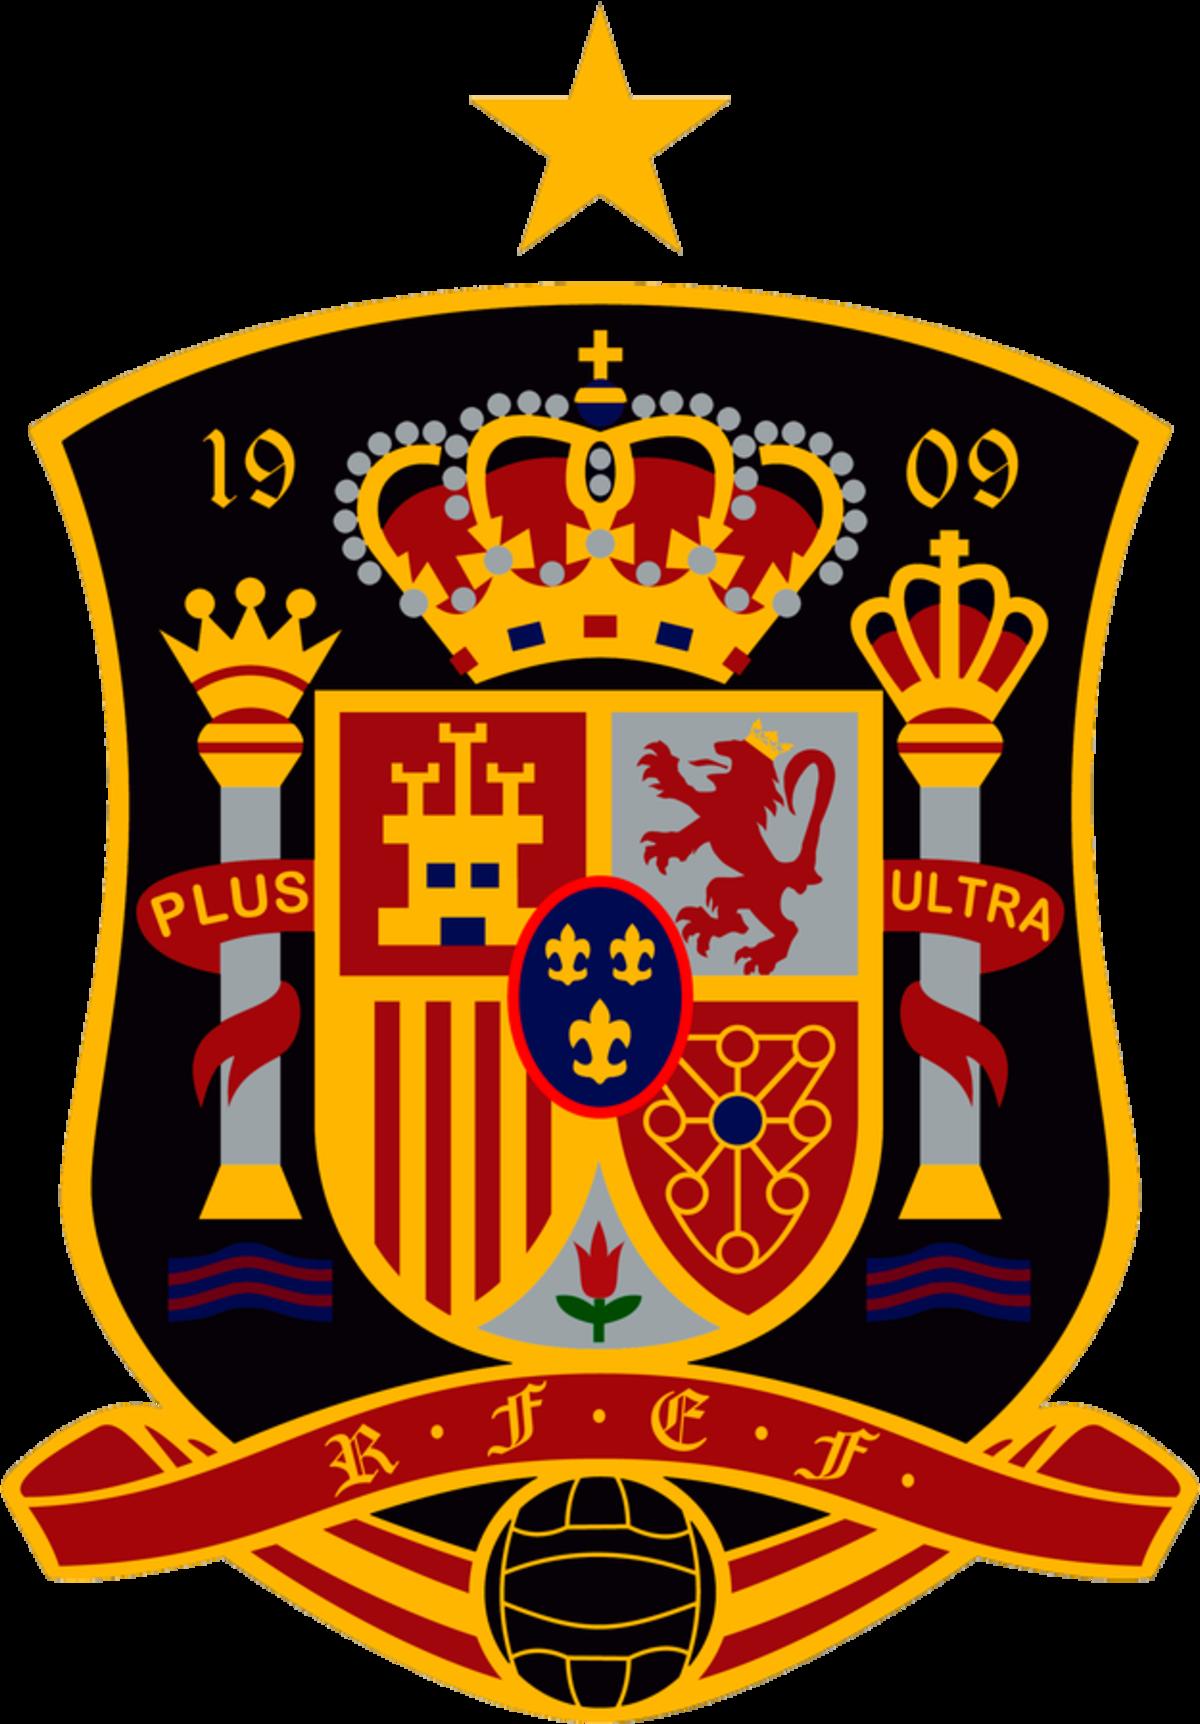 Nazionale di calcio femminile della Spagna - Wikipedia